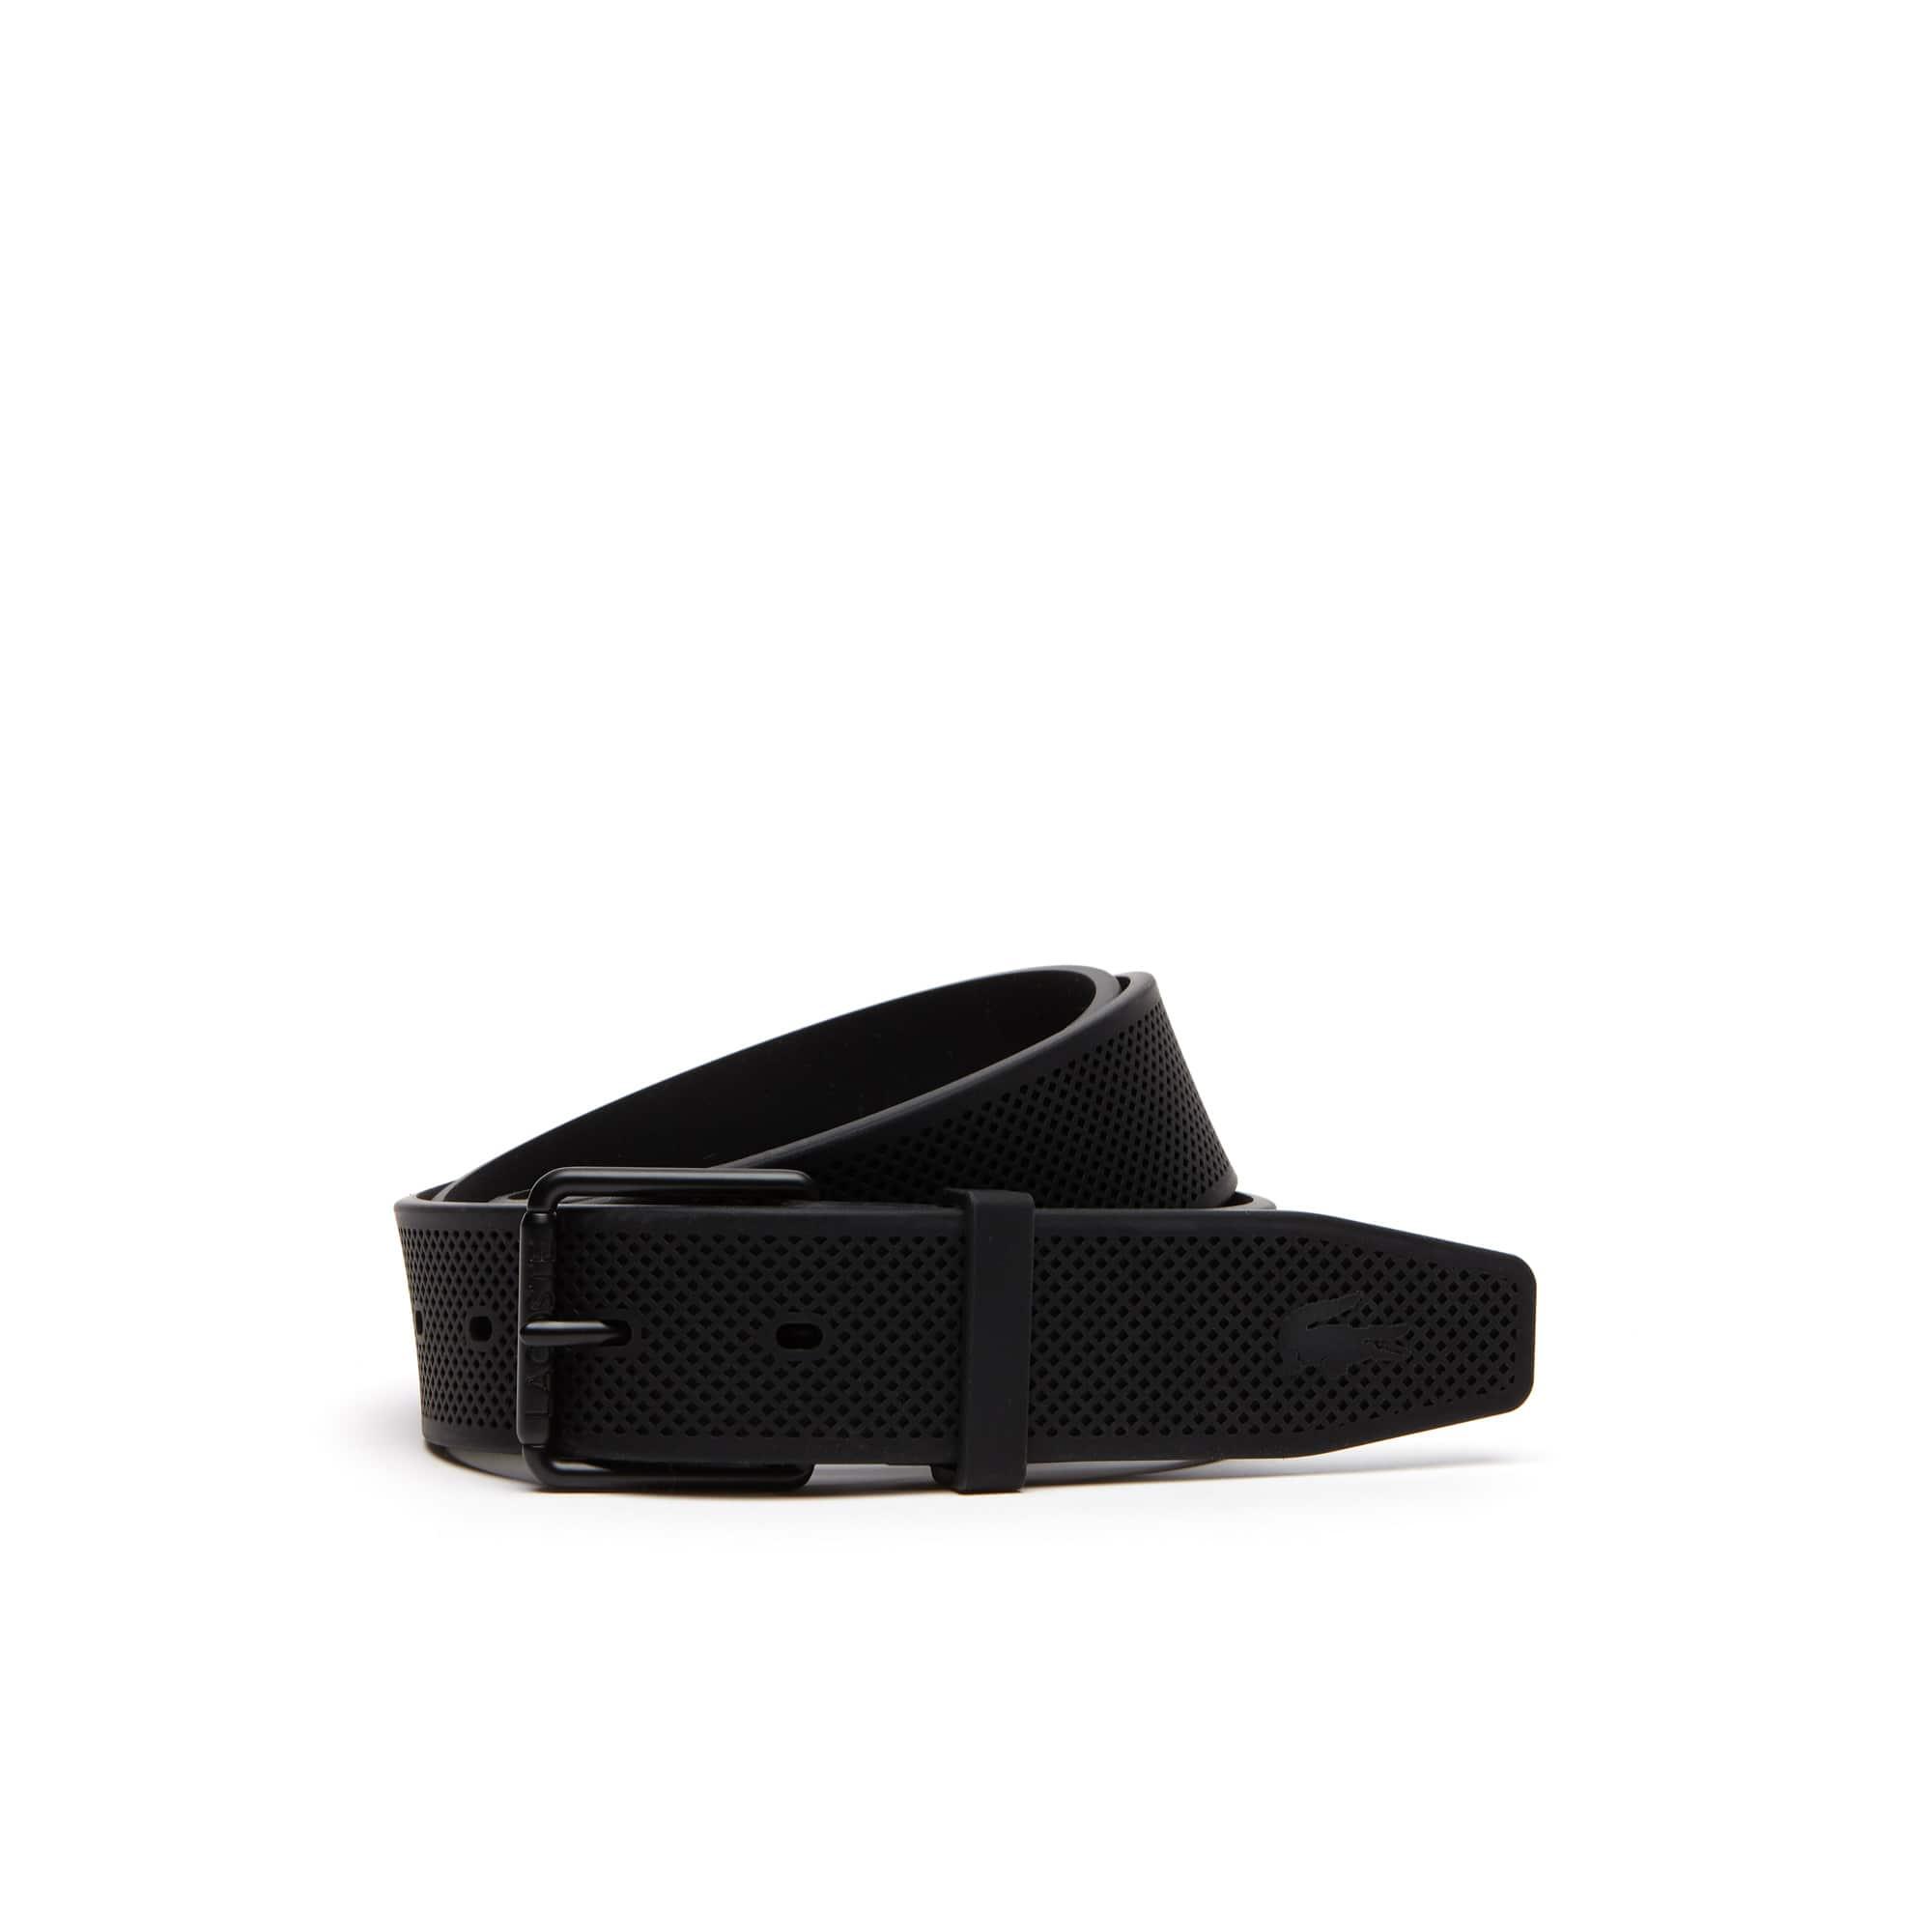 Cinturón de silicona con hebilla de lengüeta con rodillo grabado Lacoste